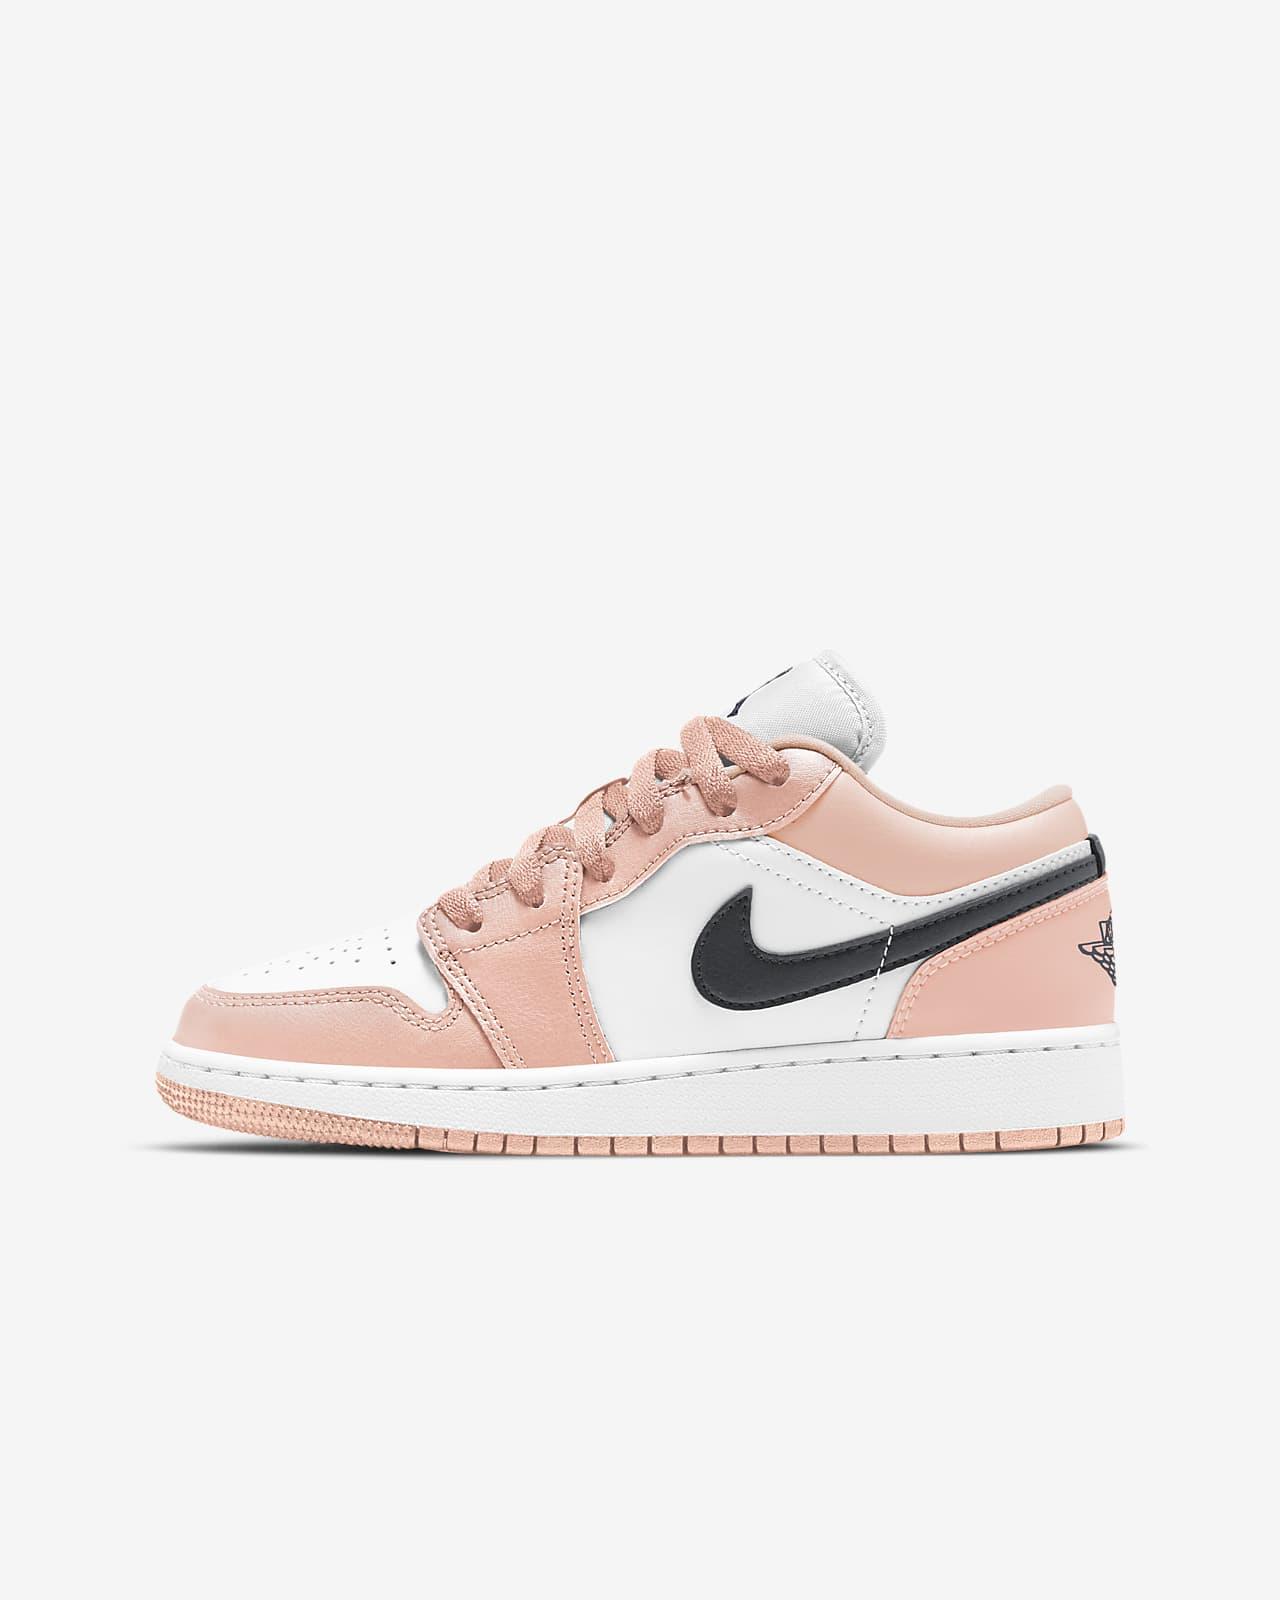 Air Jordan 1 低筒大童鞋款